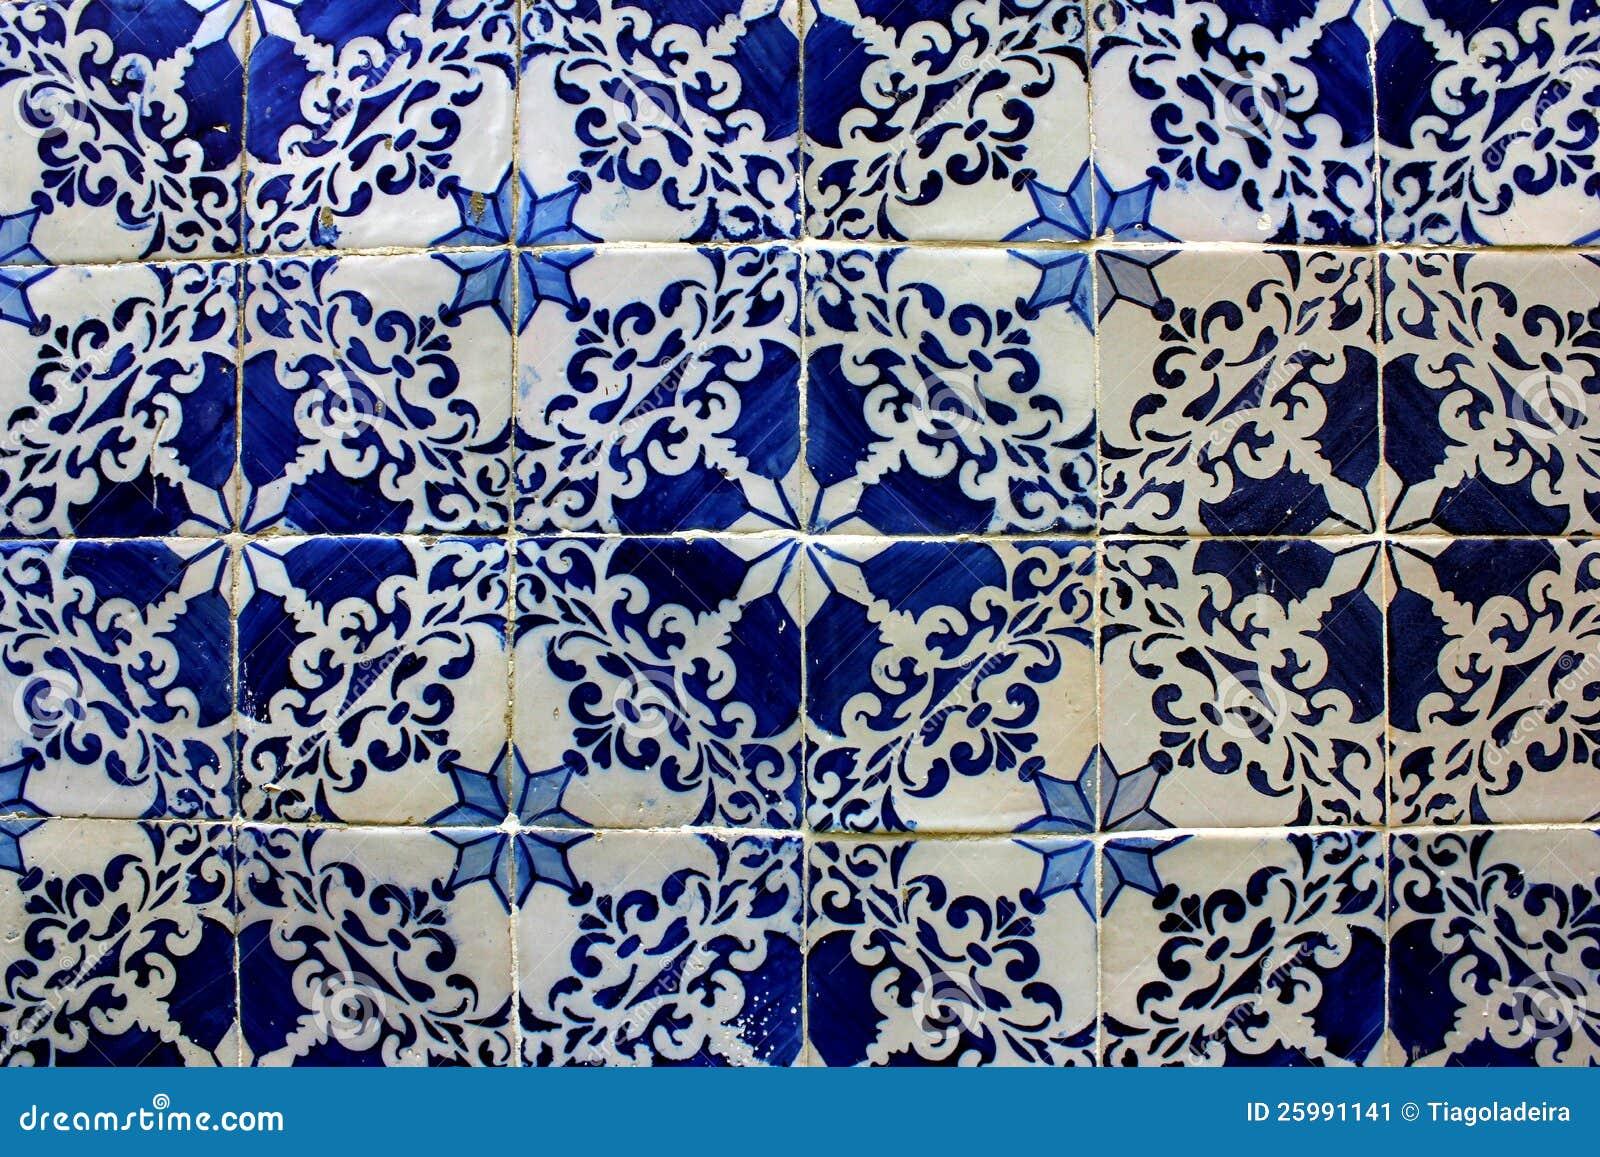 Blaue Und Weiße Fliesen, Lissabon, Portugal Stockbild - Bild ...